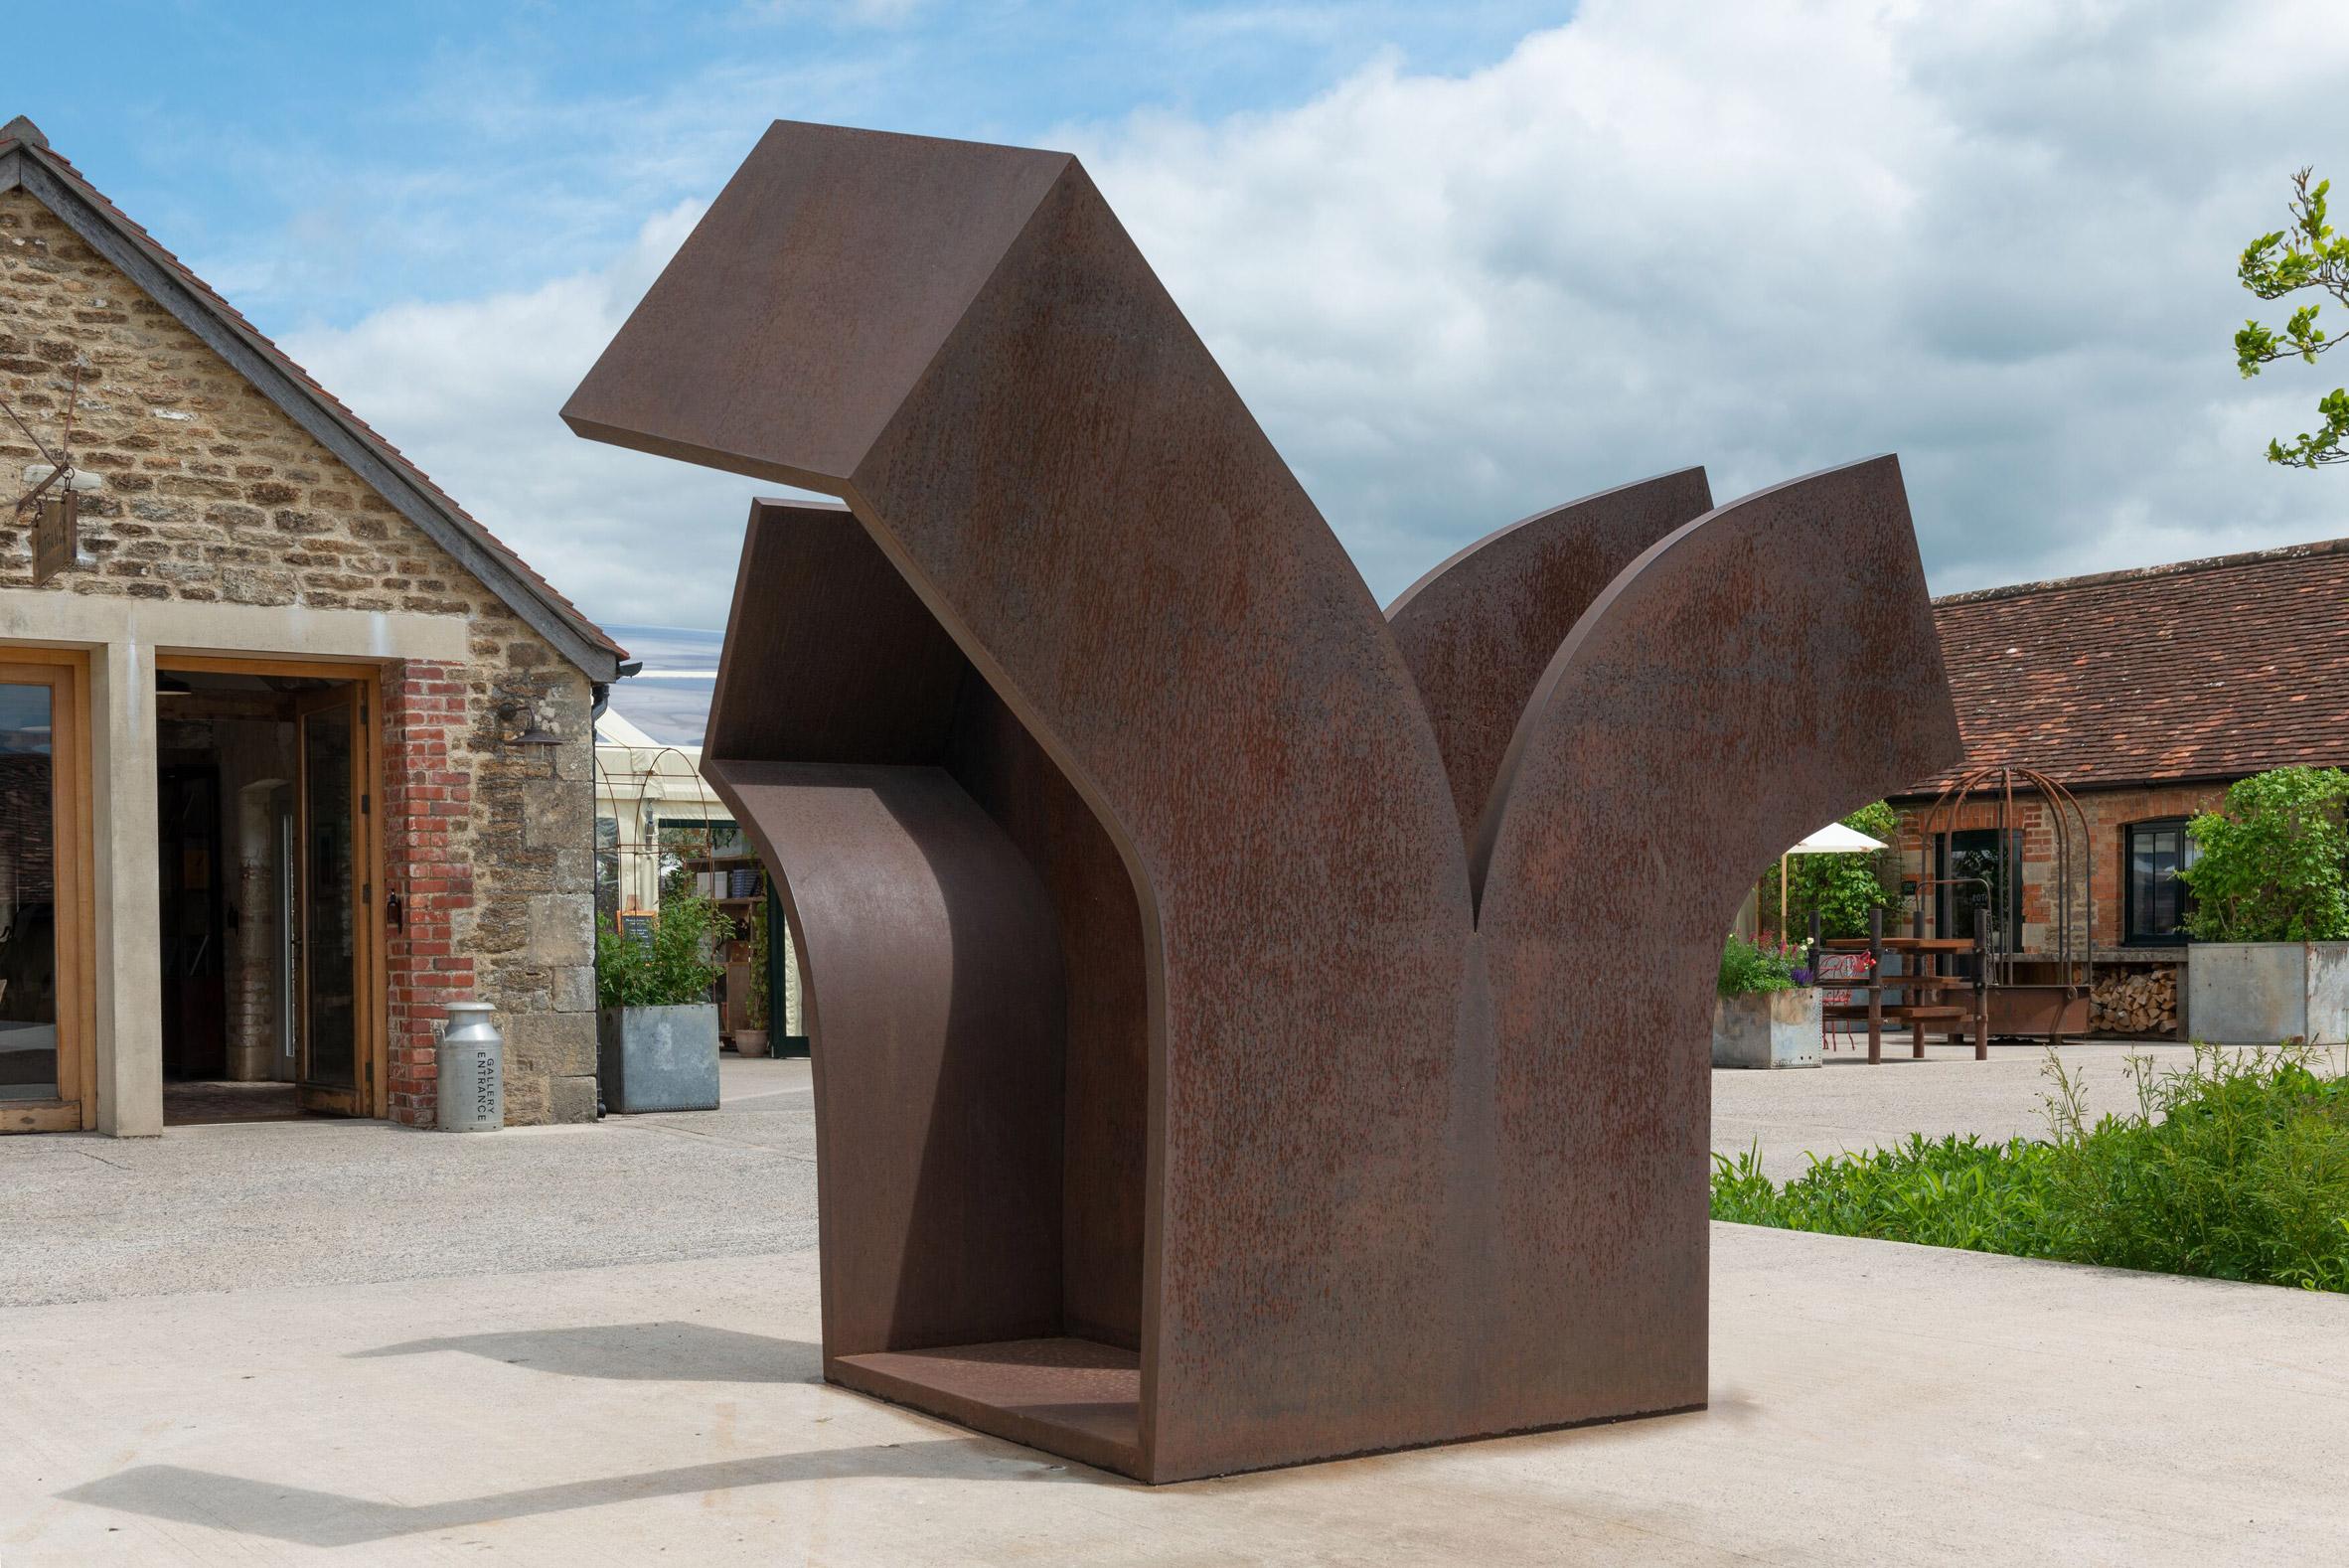 Chillida corten steel sculpture